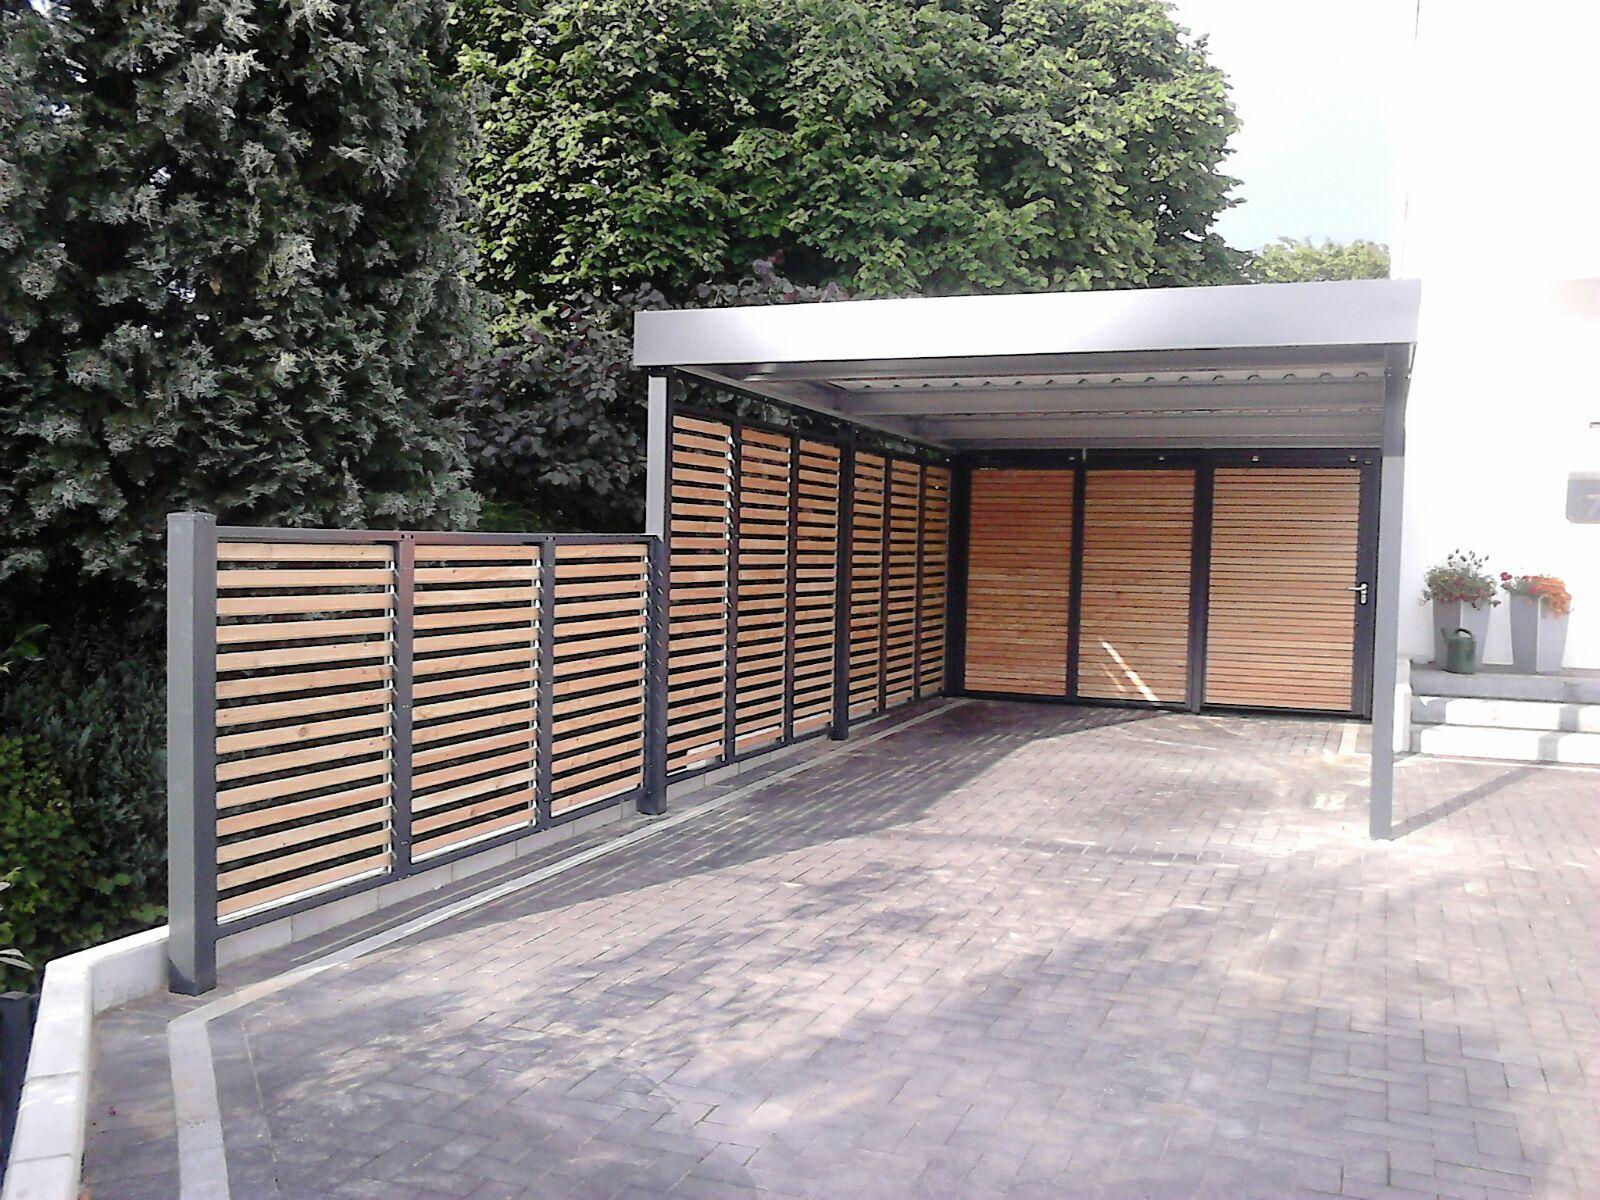 Carport Mit Weiterfuhrendem Sichtschutz Gefunden Bei Http Siebau Com Garage Dekorieren Carport Carport Uberdachung